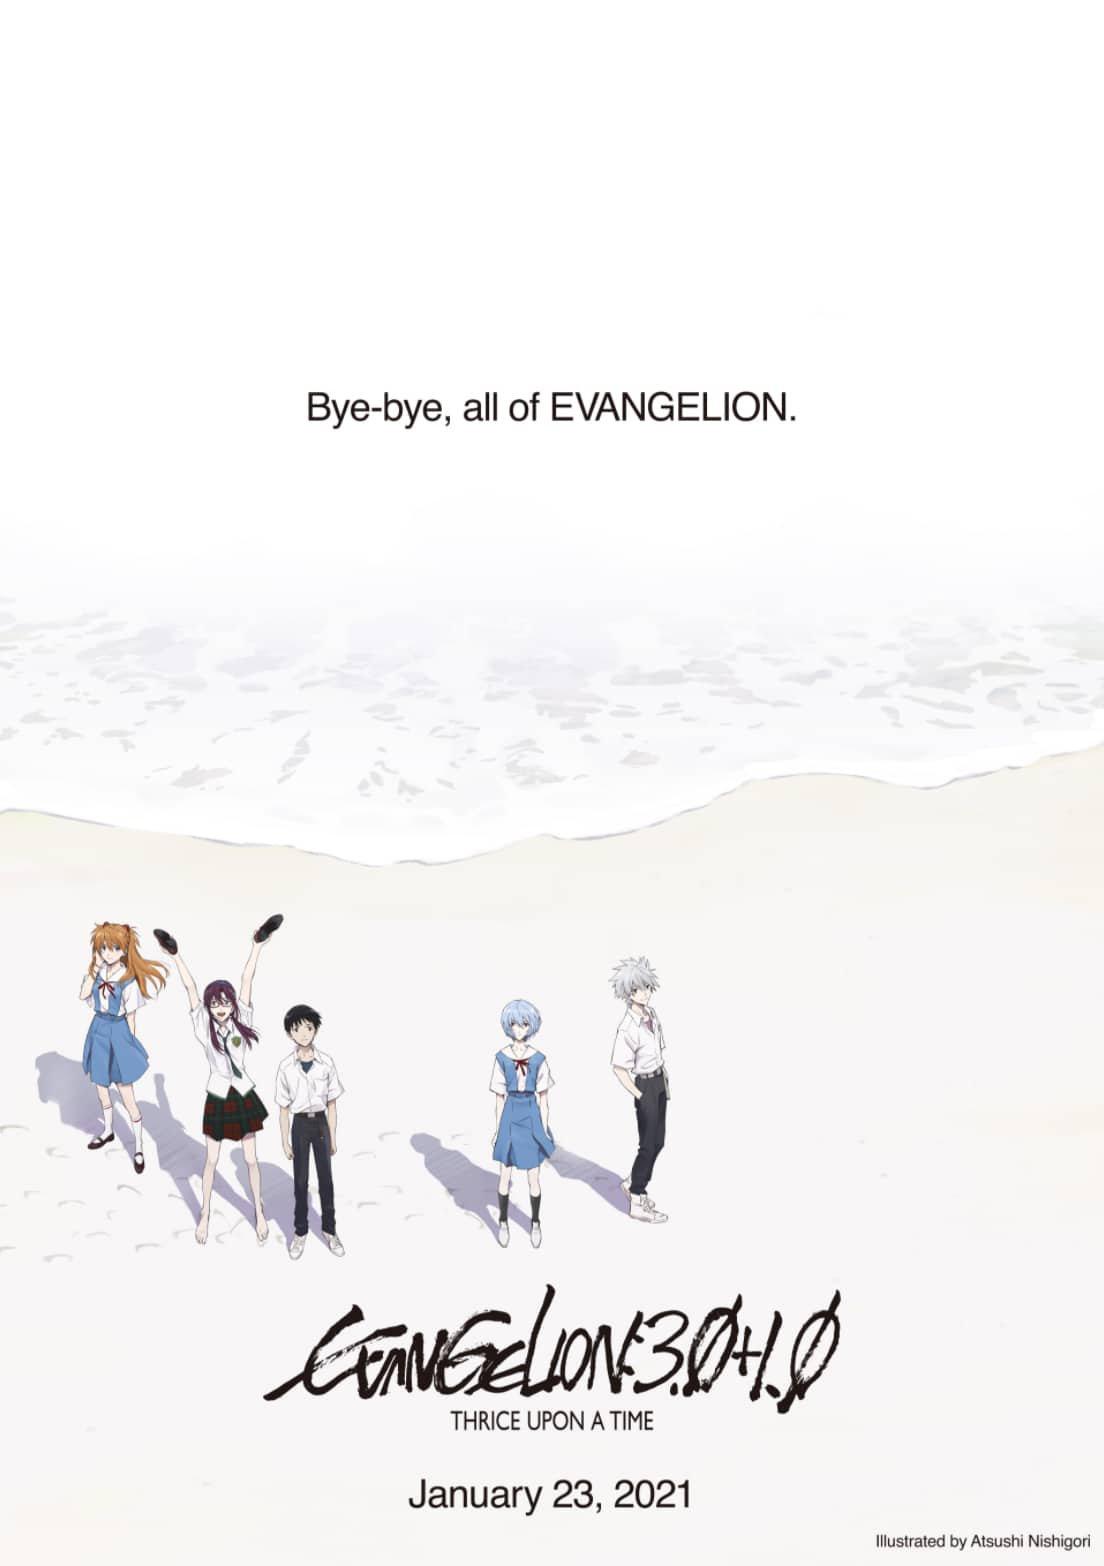 evangelion 3 1 poster final